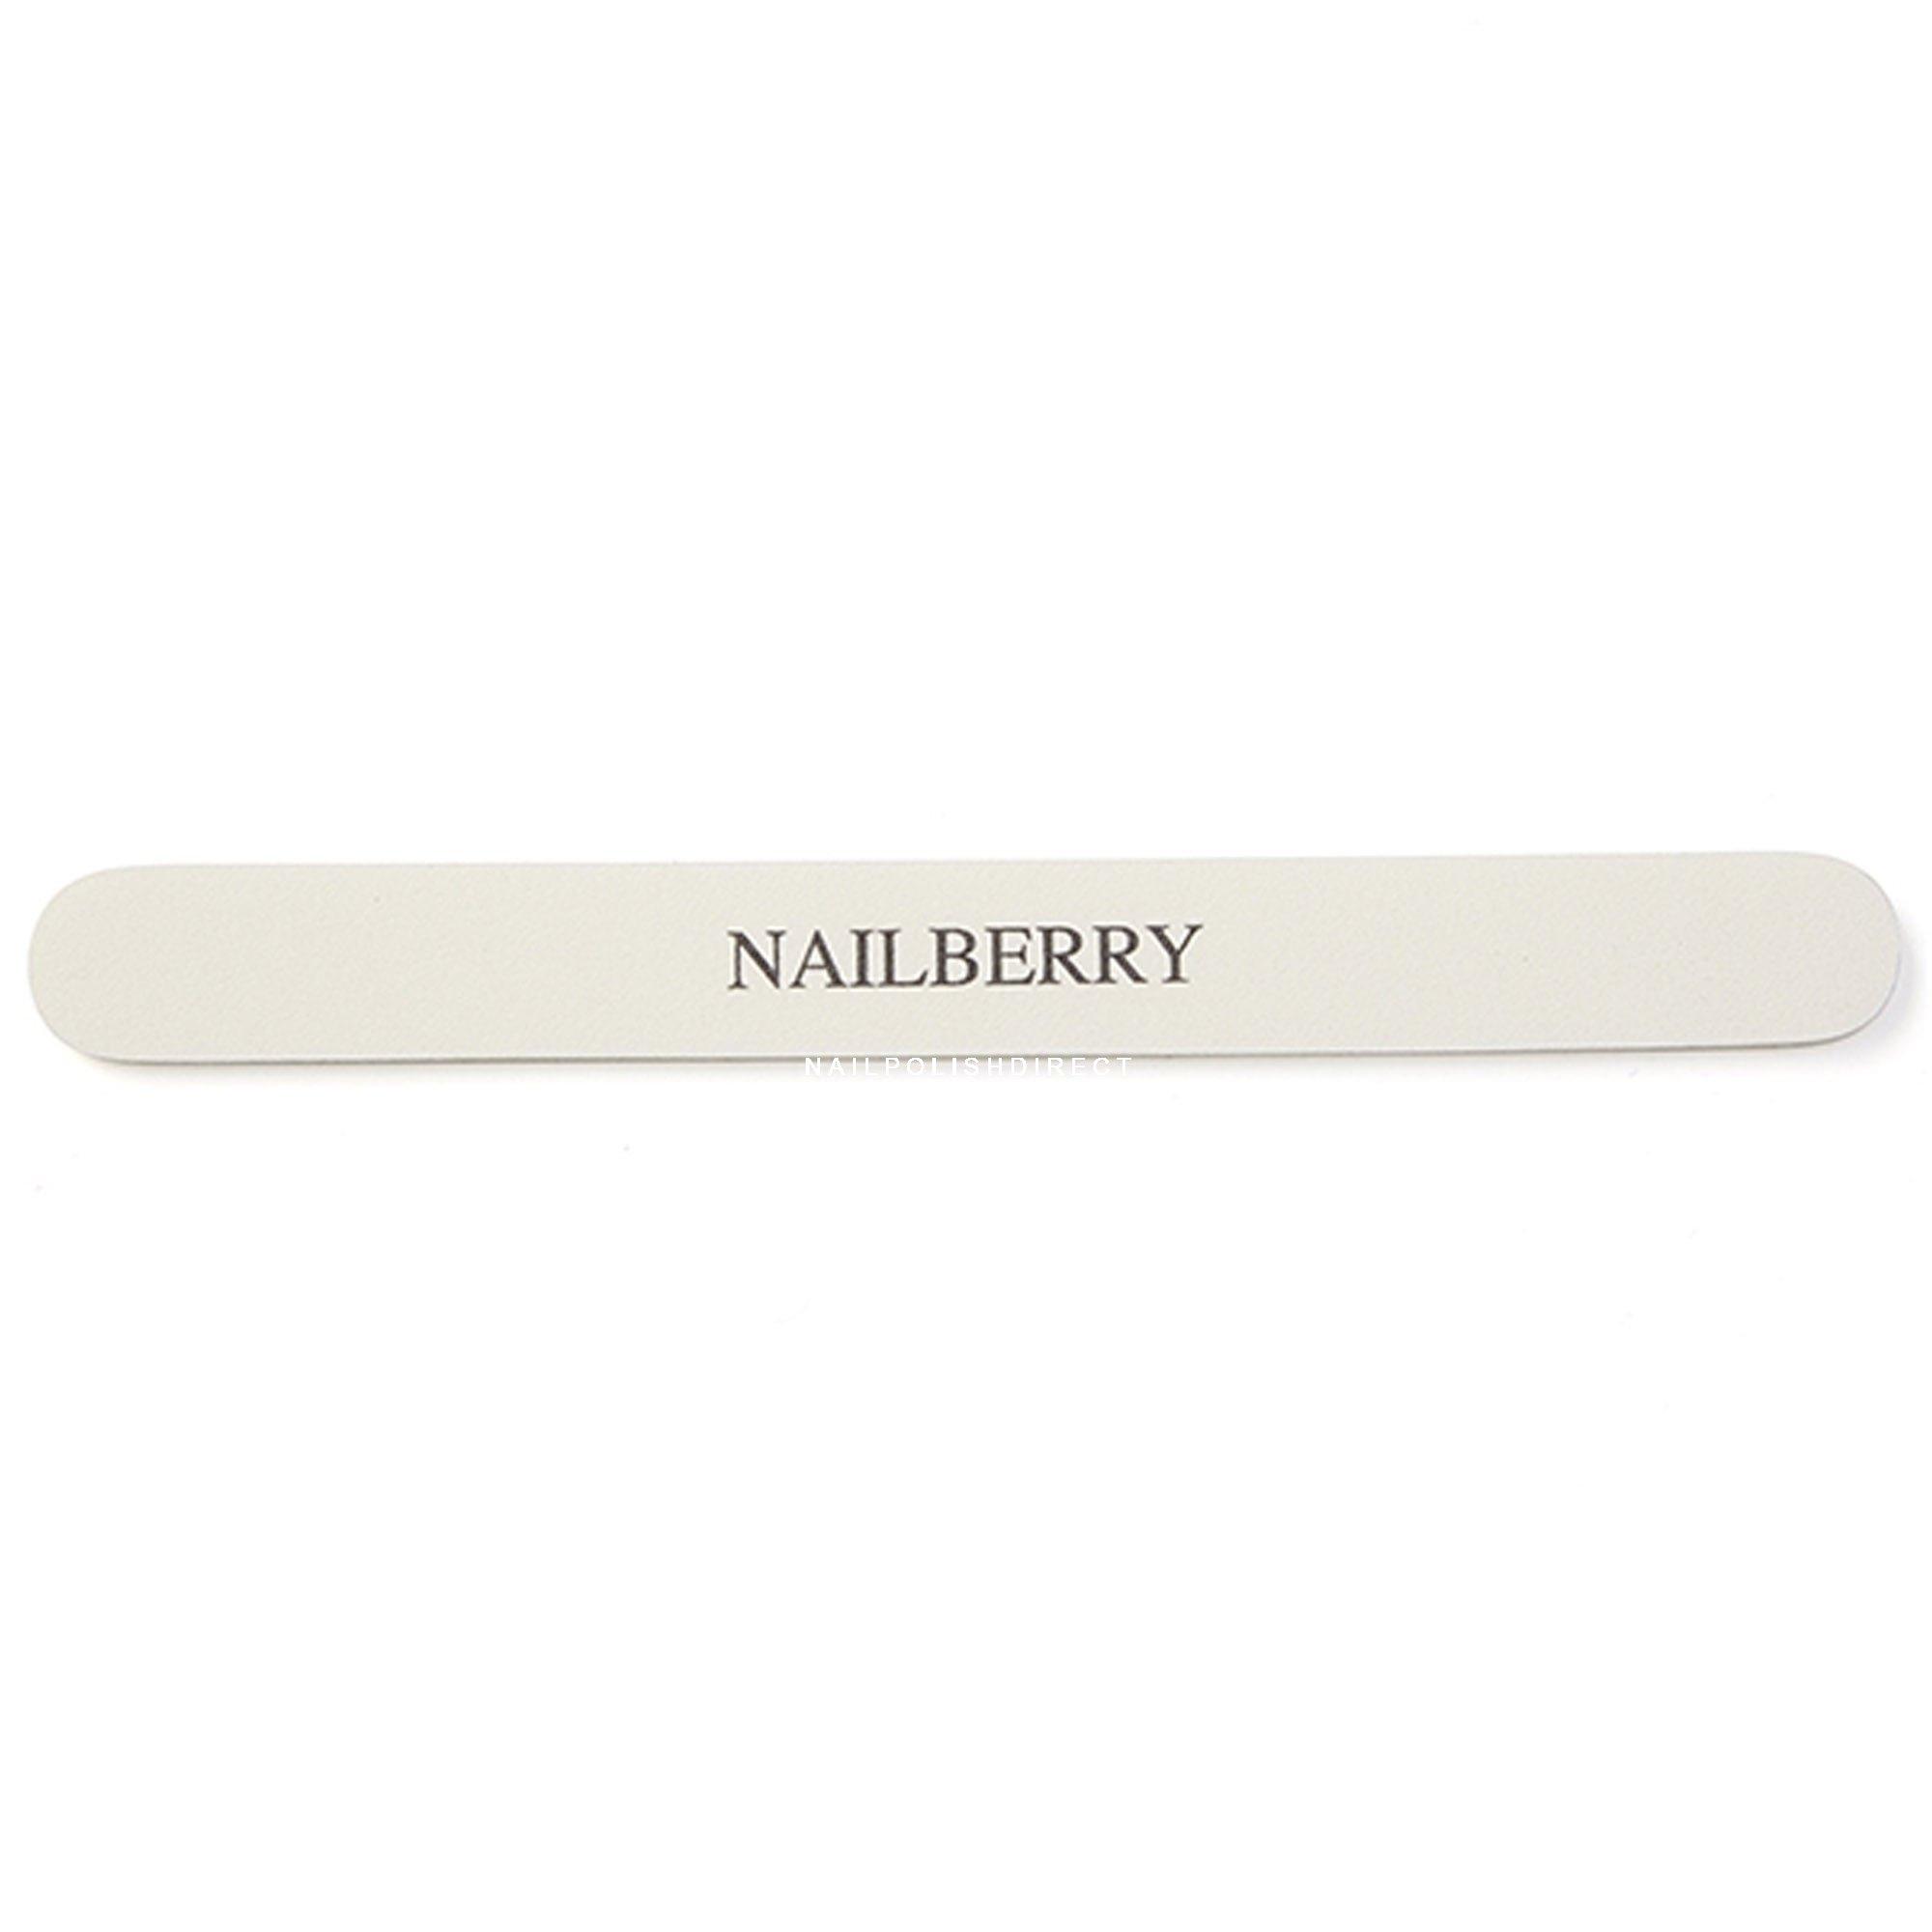 NailBerry White Natural Nail File